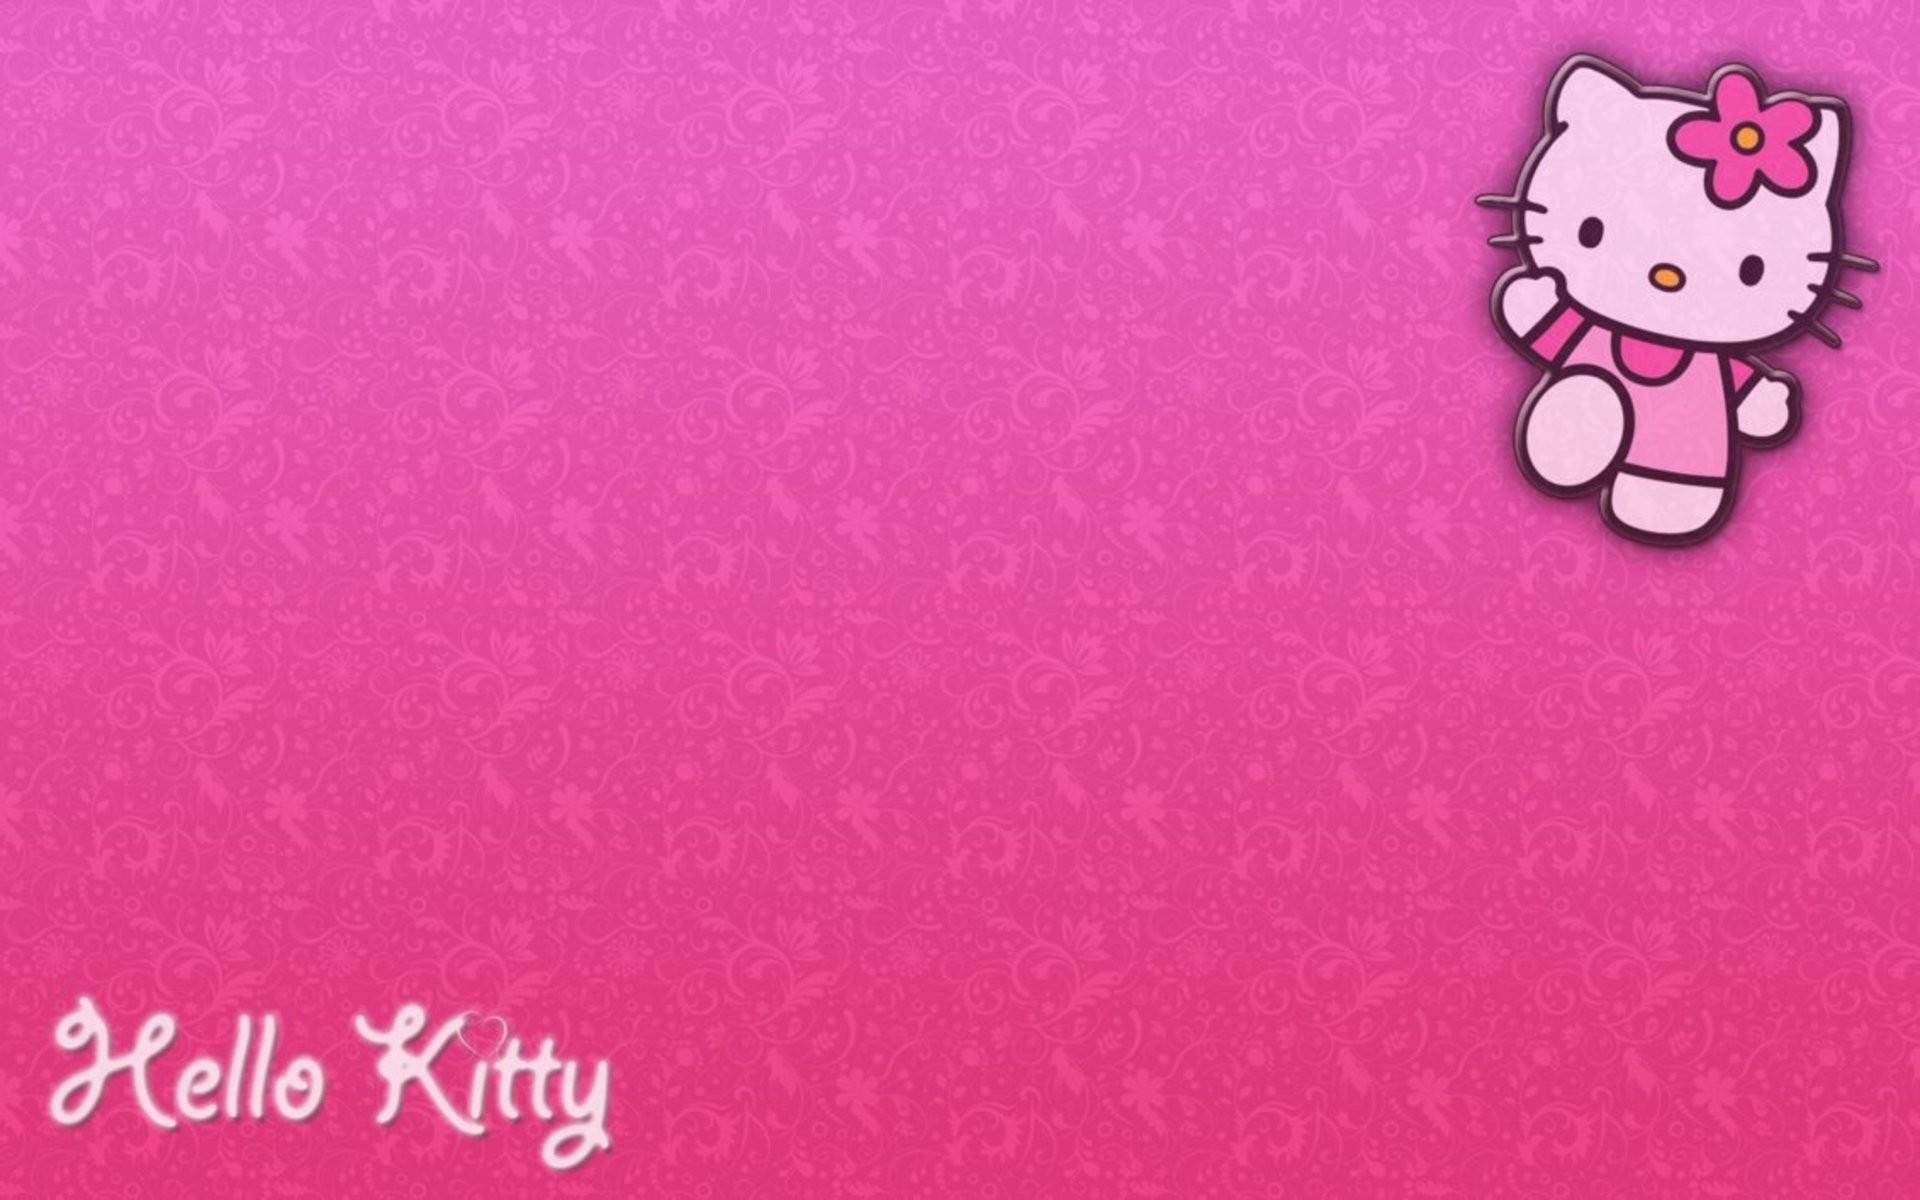 Wunderbar Hallo Kitty Bilder Färben Bilder - Druckbare Malvorlagen ...